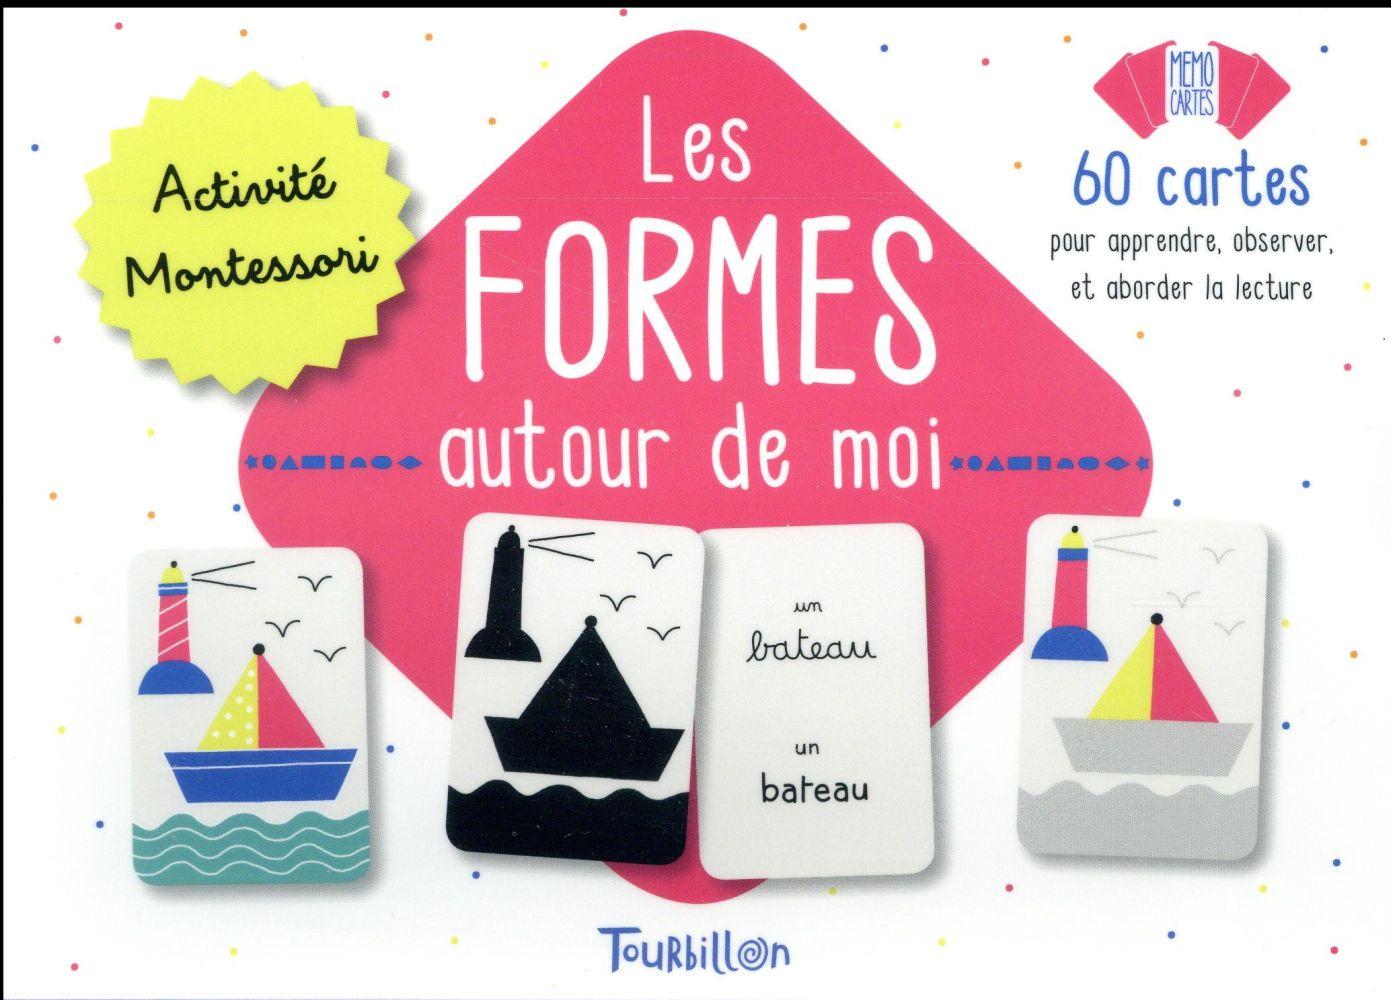 Les formes autour de moi ; 60 cartes